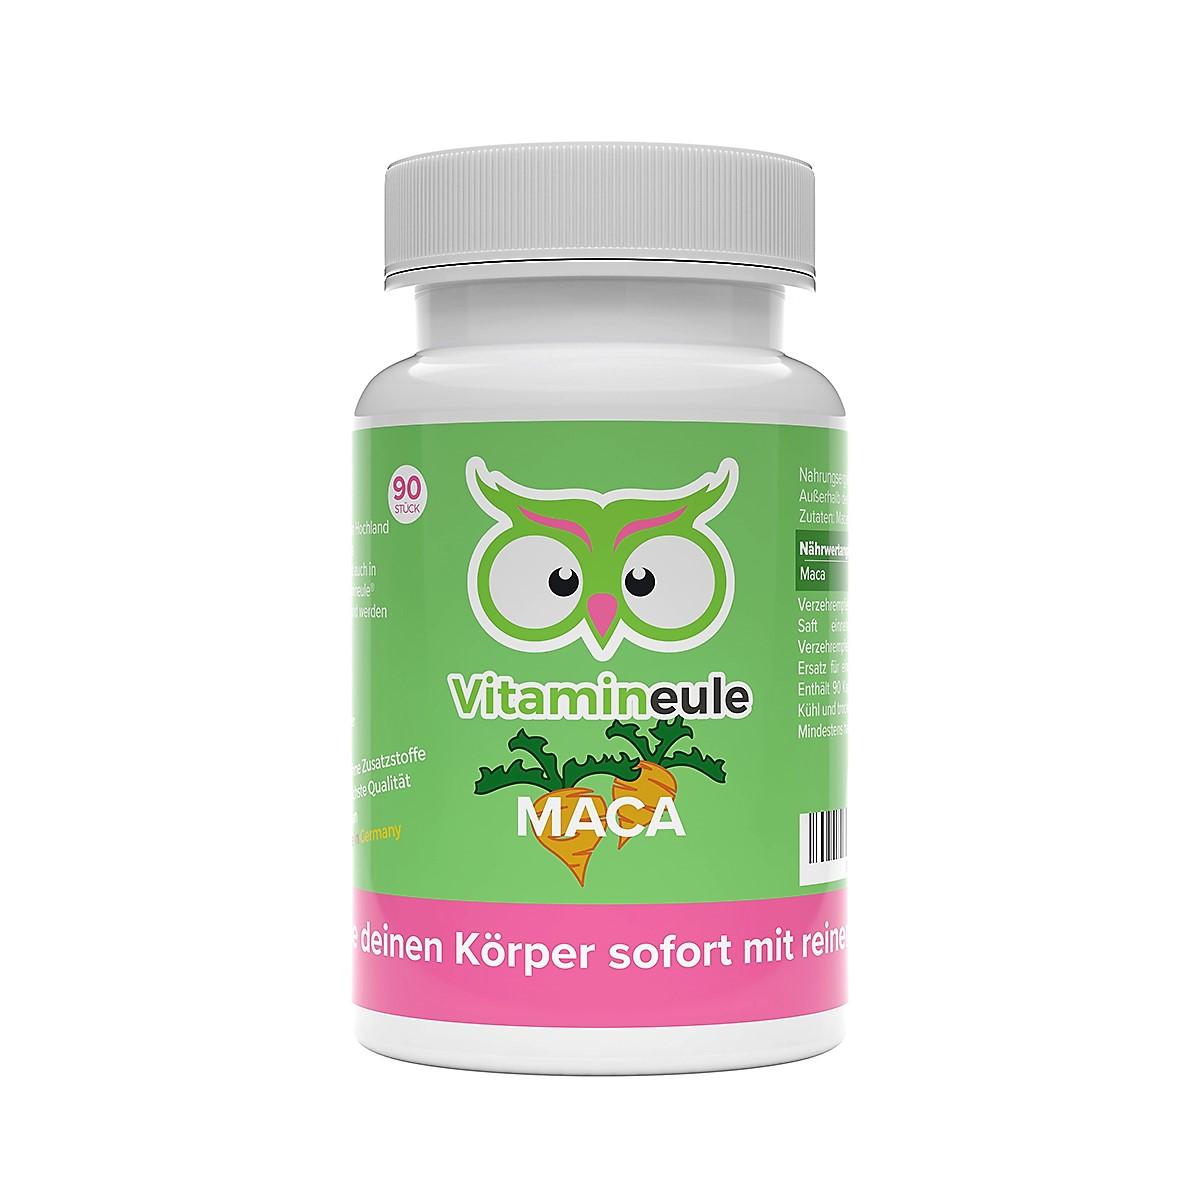 Maca Kapseln von Vitamineule ohne Zusatzstoffe